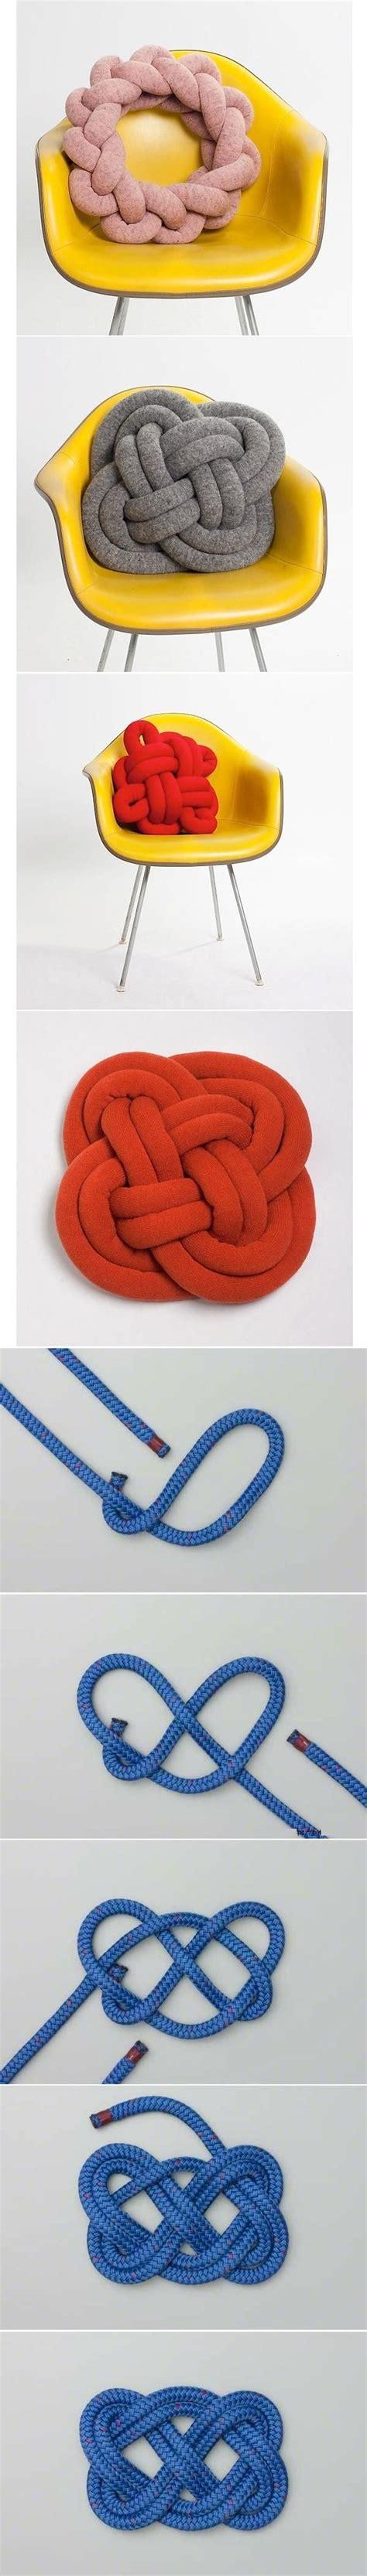 diy knot pillows craftbnb best 25 knot pillow ideas on pinterest fleece blanket